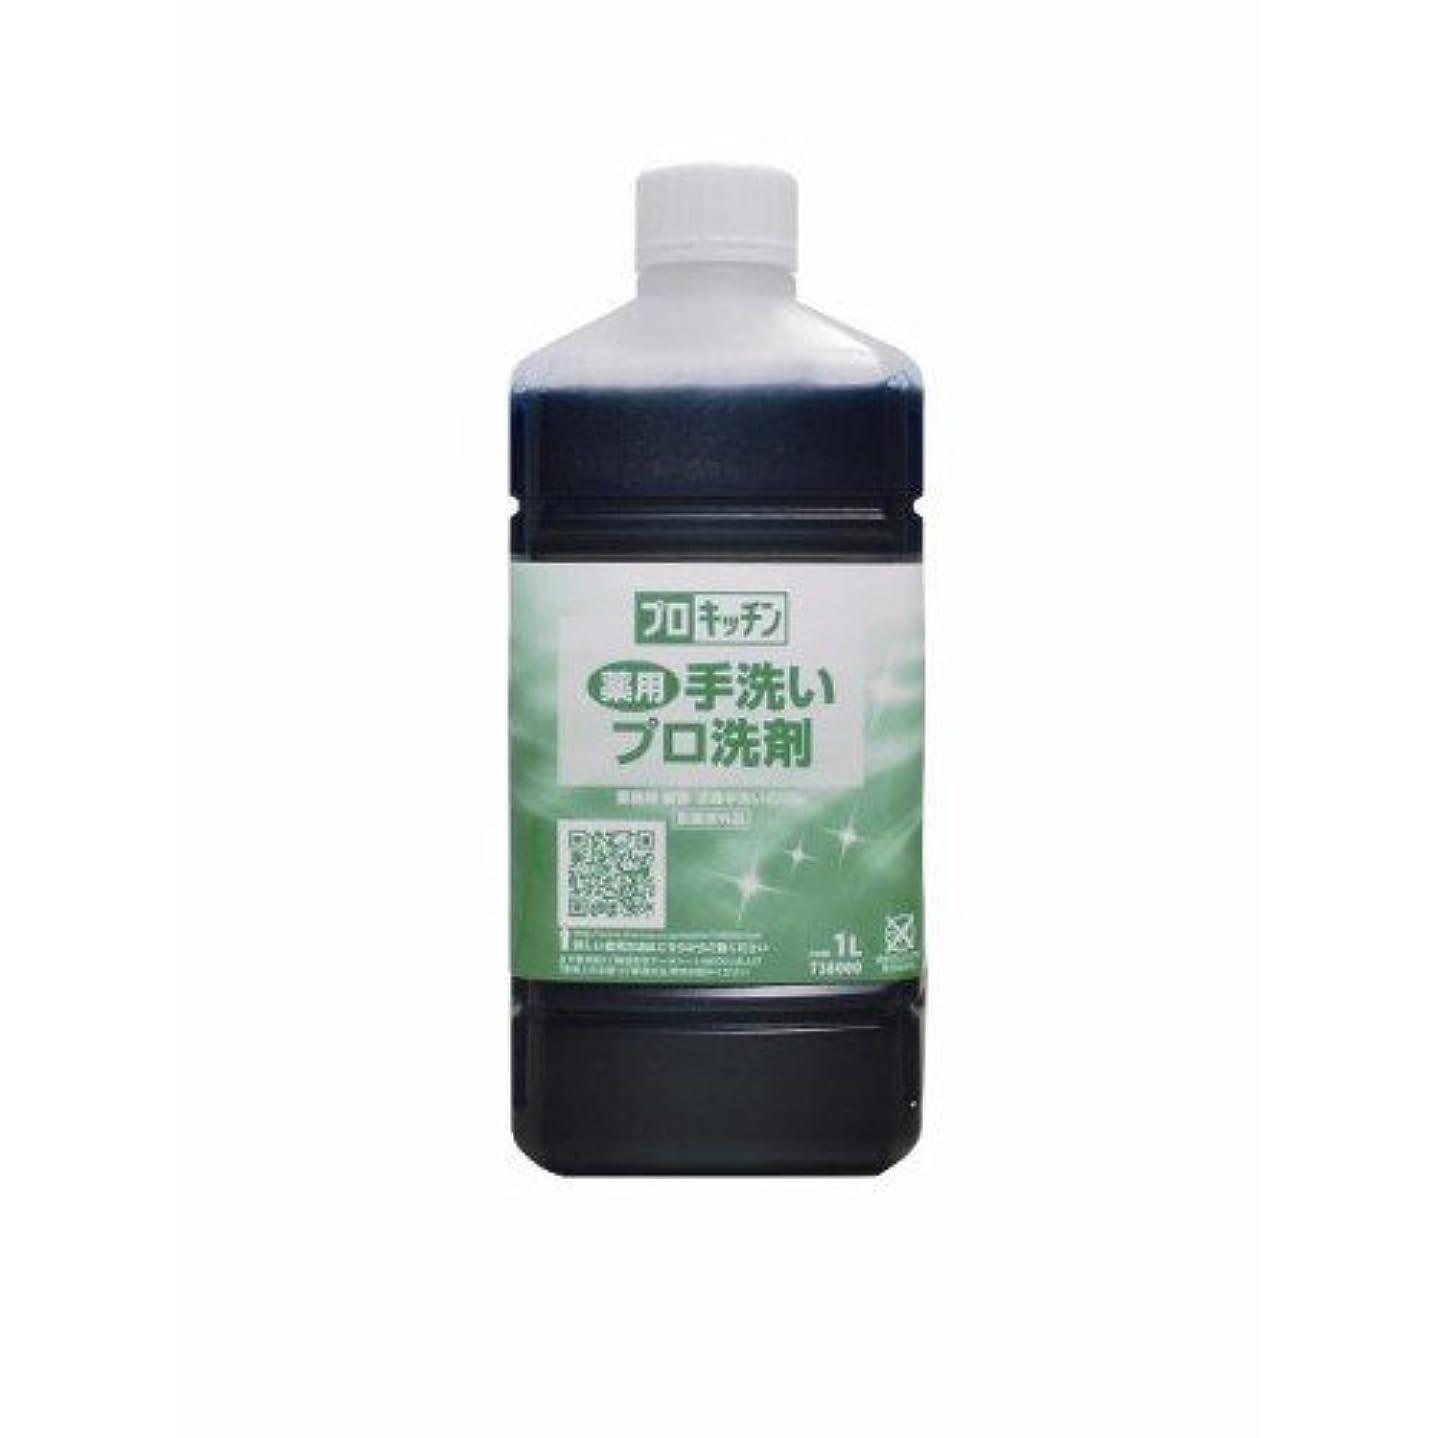 有効タンクアカウント薬用手洗いプロ洗剤 1L